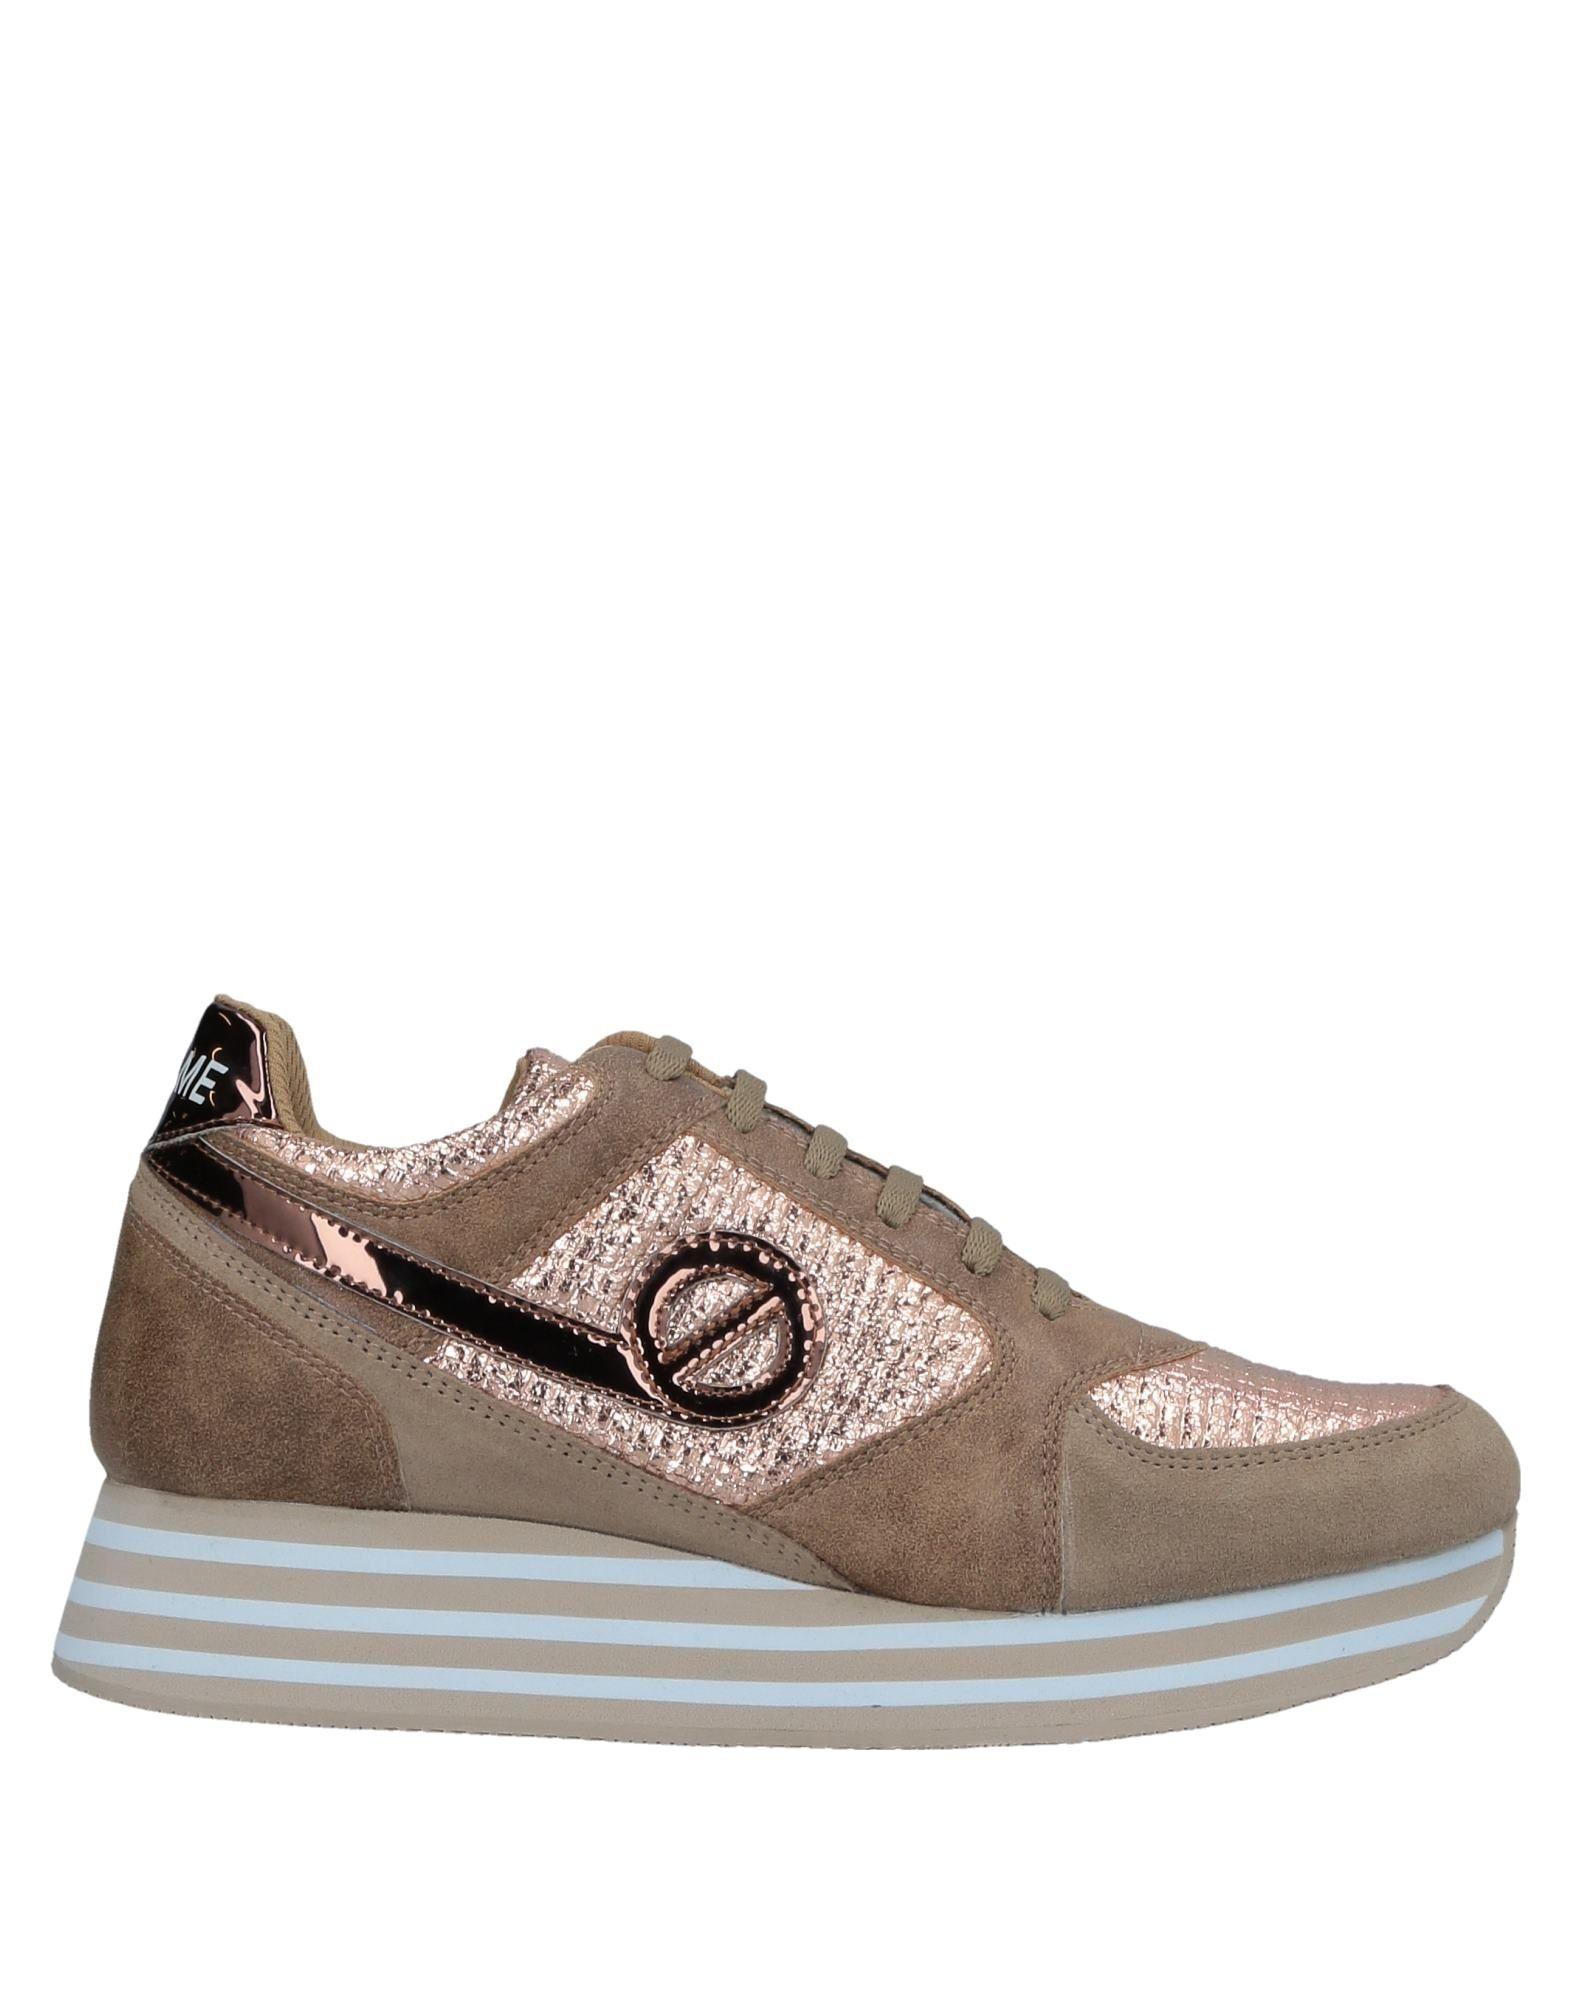 Baskets No Name Femme - Baskets No Name Platine Nouvelles chaussures pour hommes et femmes, remise limitée dans le temps